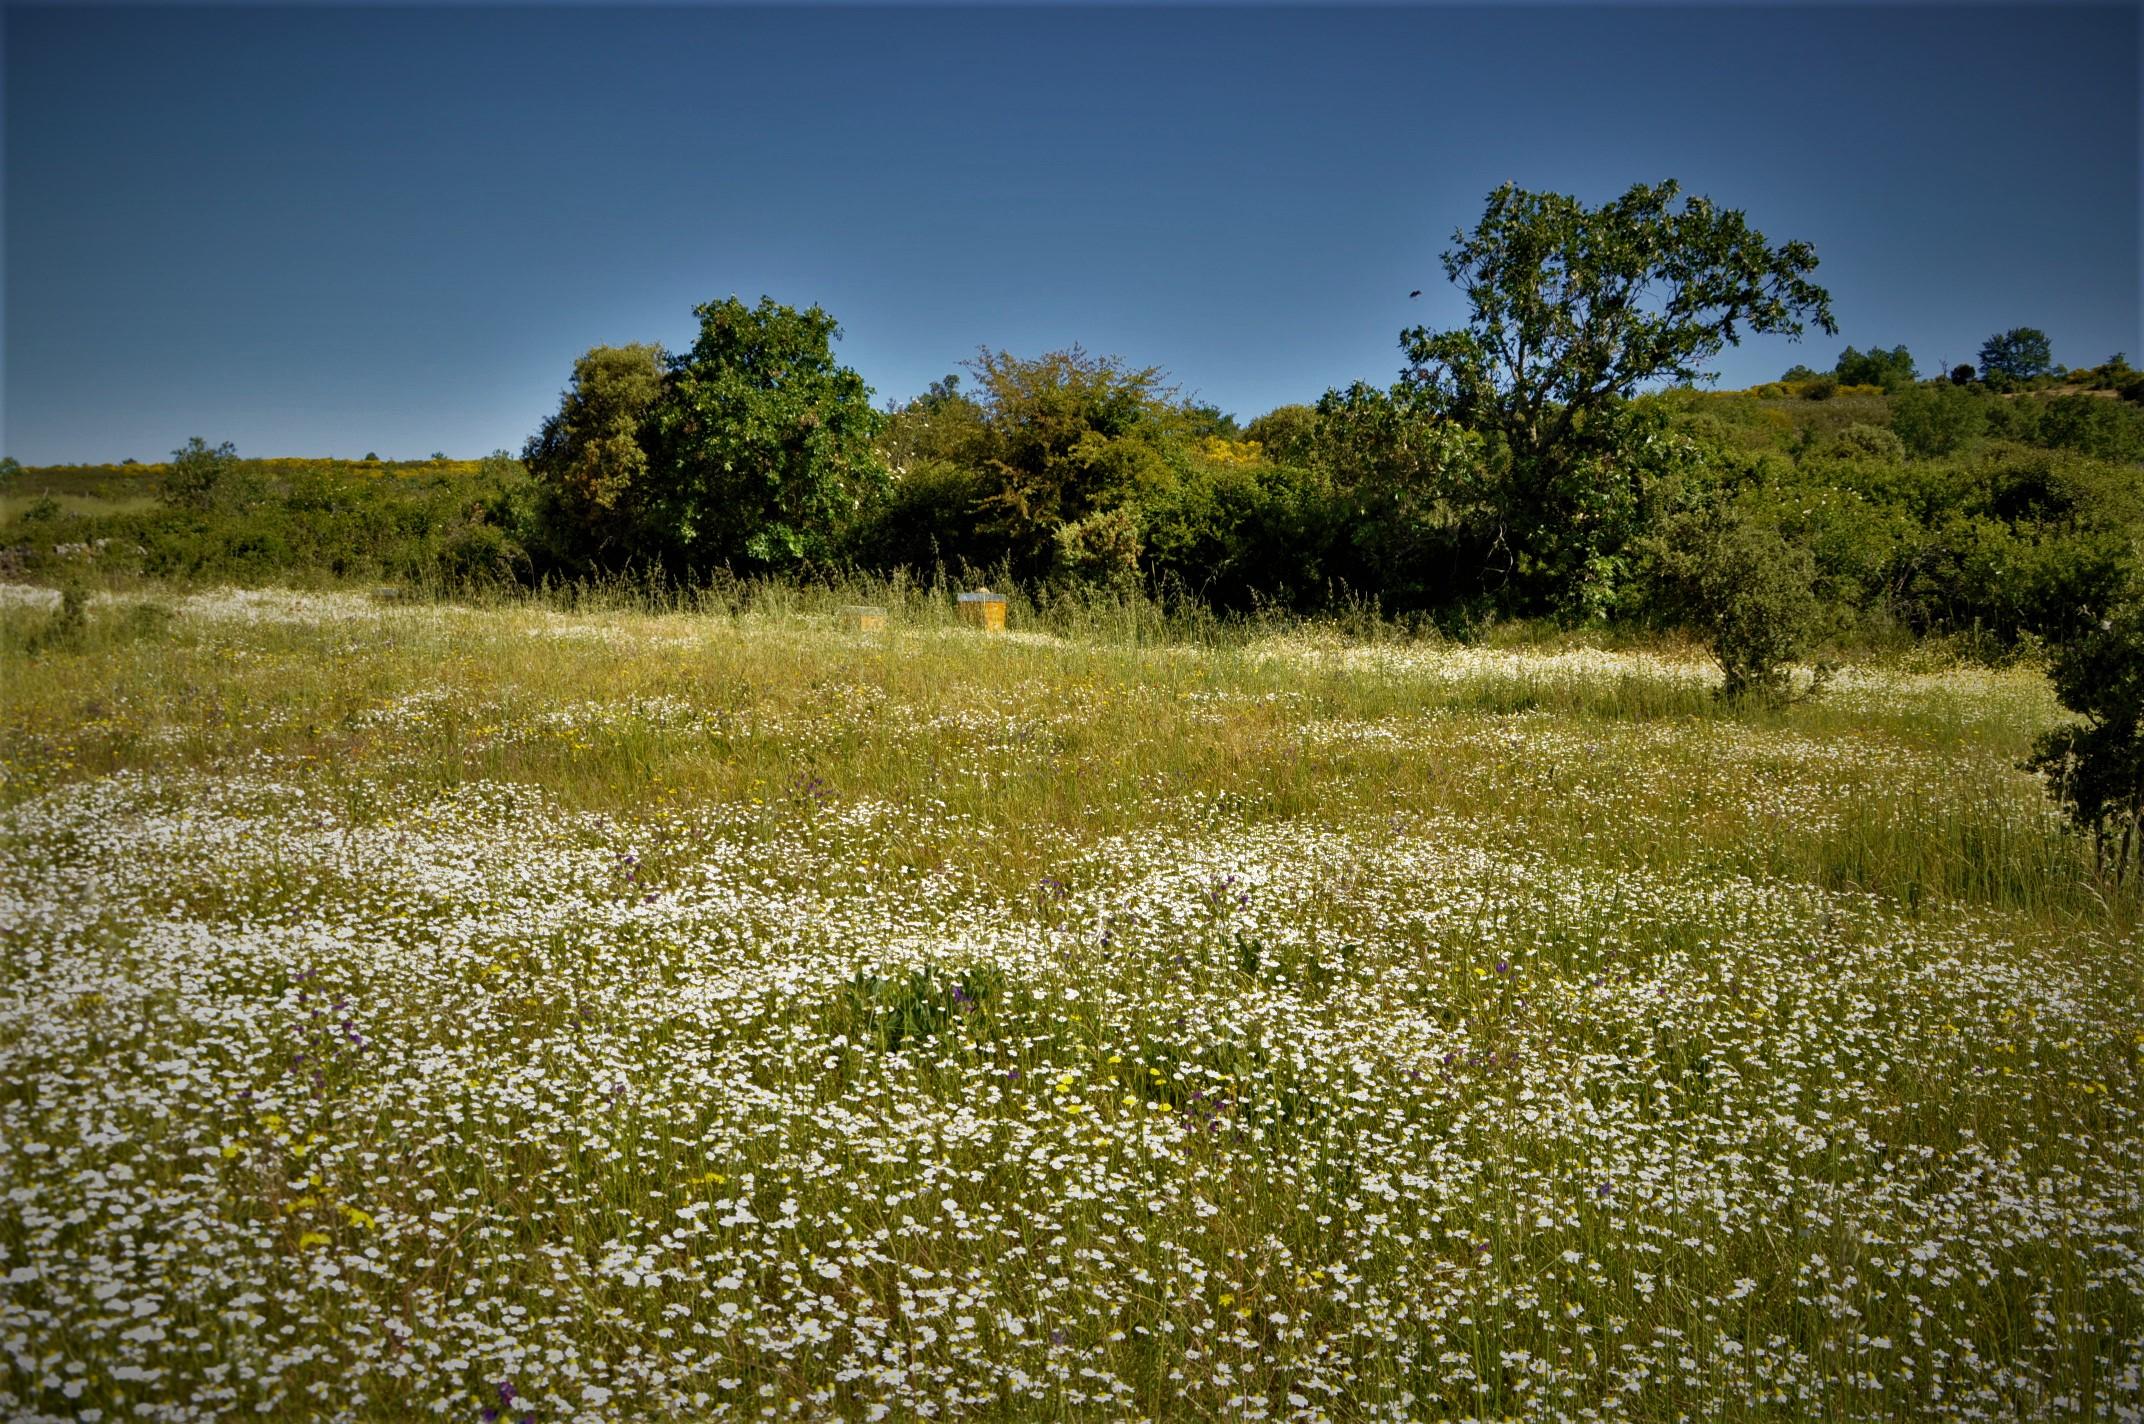 Gallegos del Campo Las Obreras de Aliste primavera flor miel